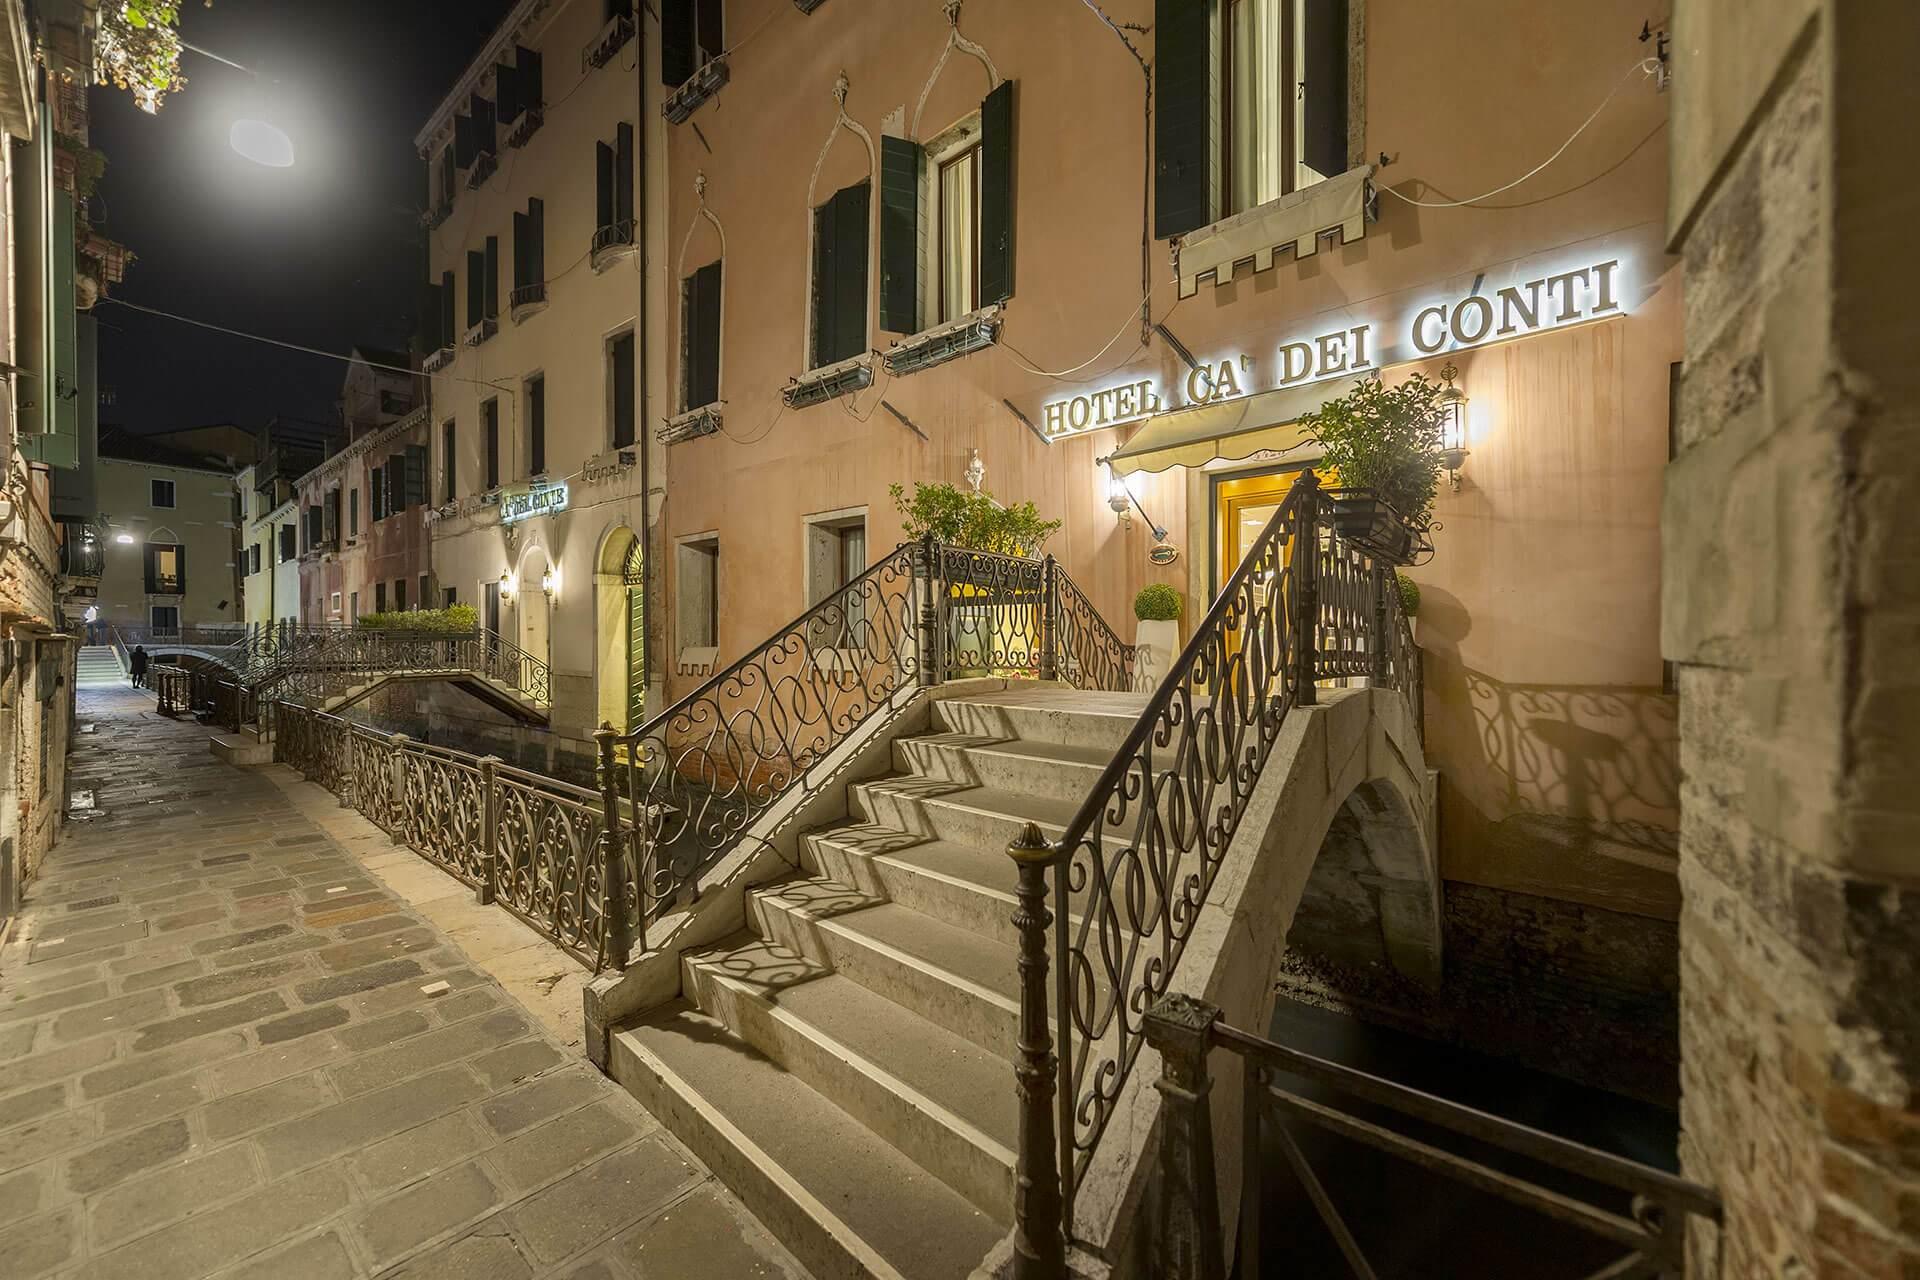 Venice Hotel Ca Dei Conti